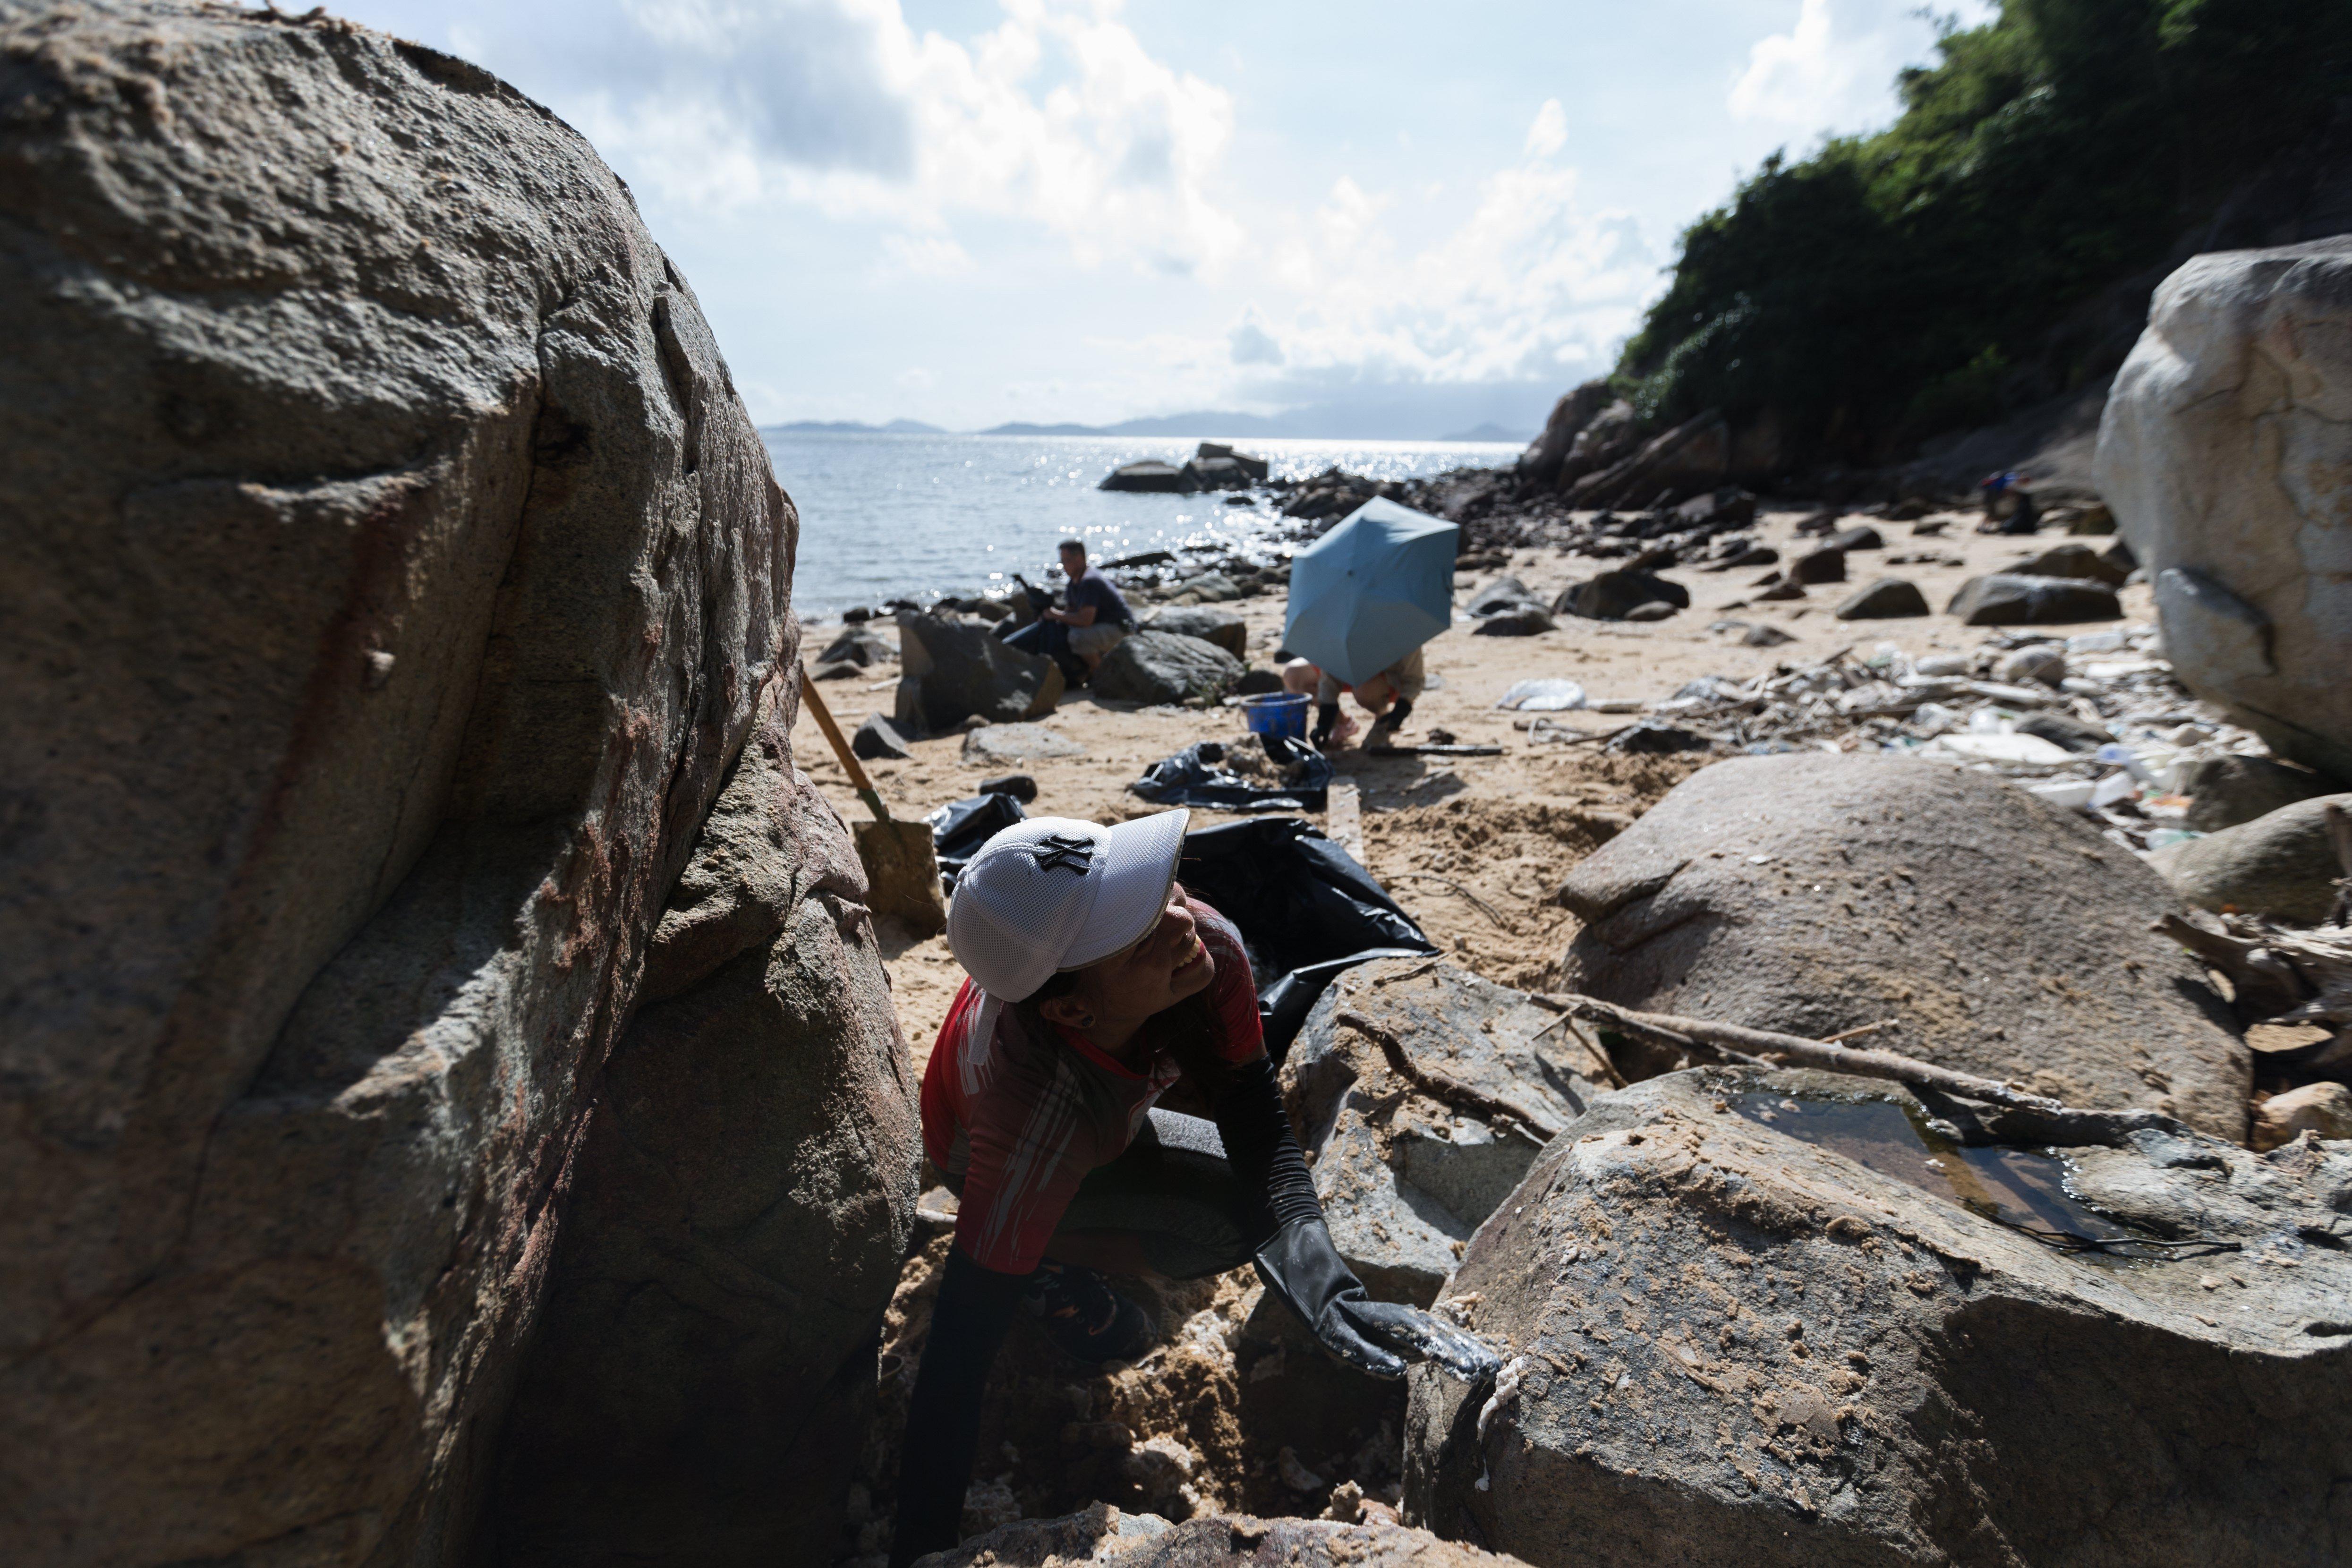 Una voluntària participa en les tasques de neteja d'un abocament d'oli de palma a l'illa de Lamma a Hong Kong (Xina). /VERNON YUEN